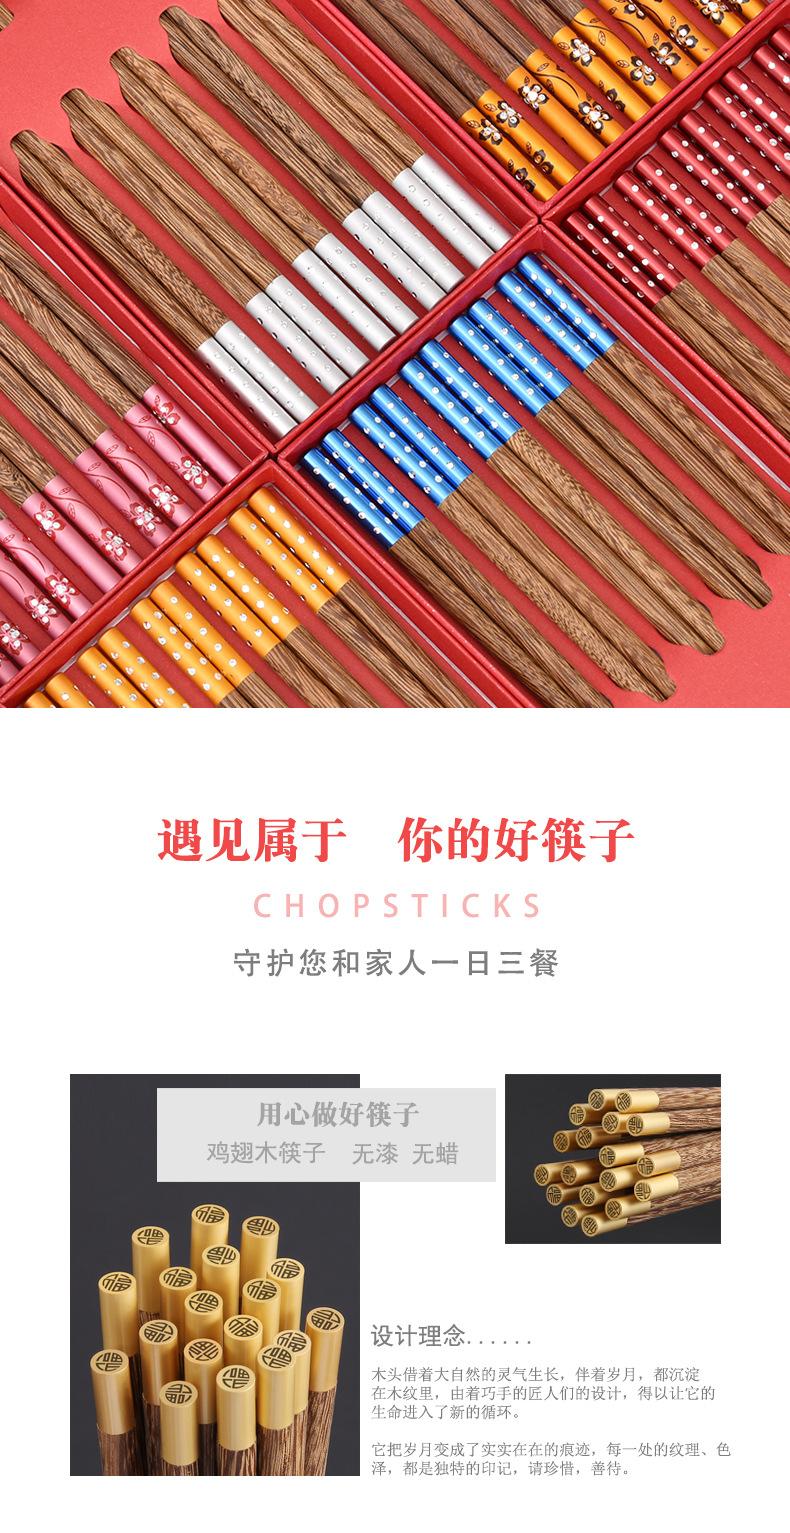 20 пар китайских бамбуковых палочек для еды из натурального